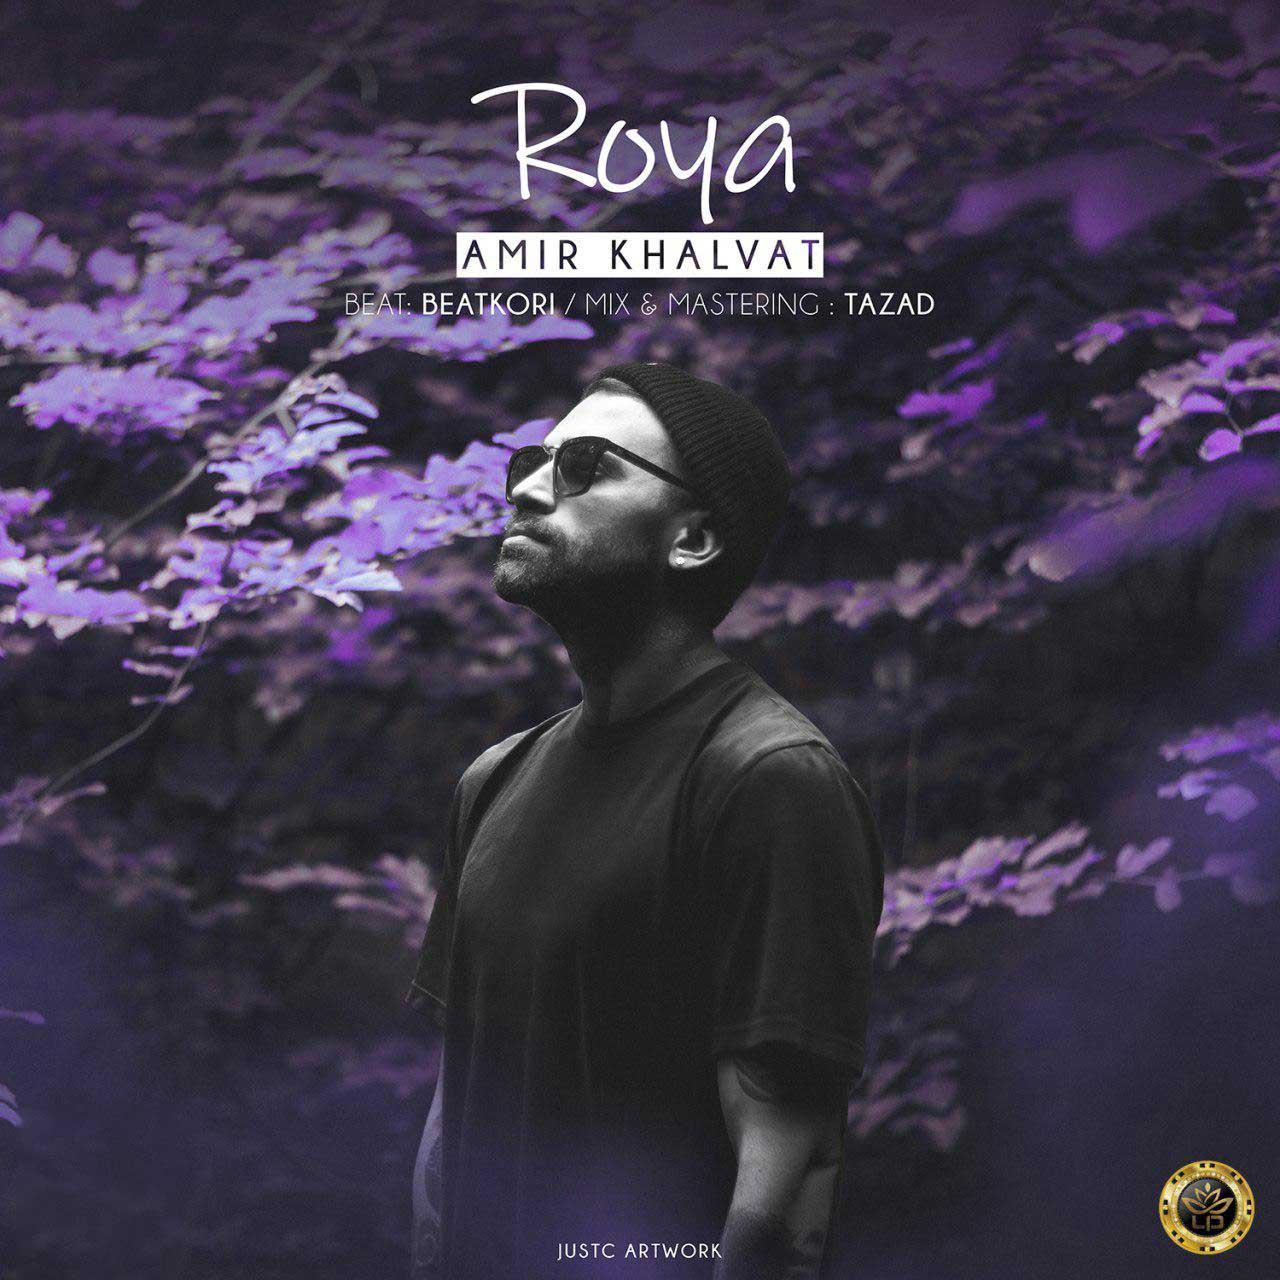 Amir Khalvat - Roya